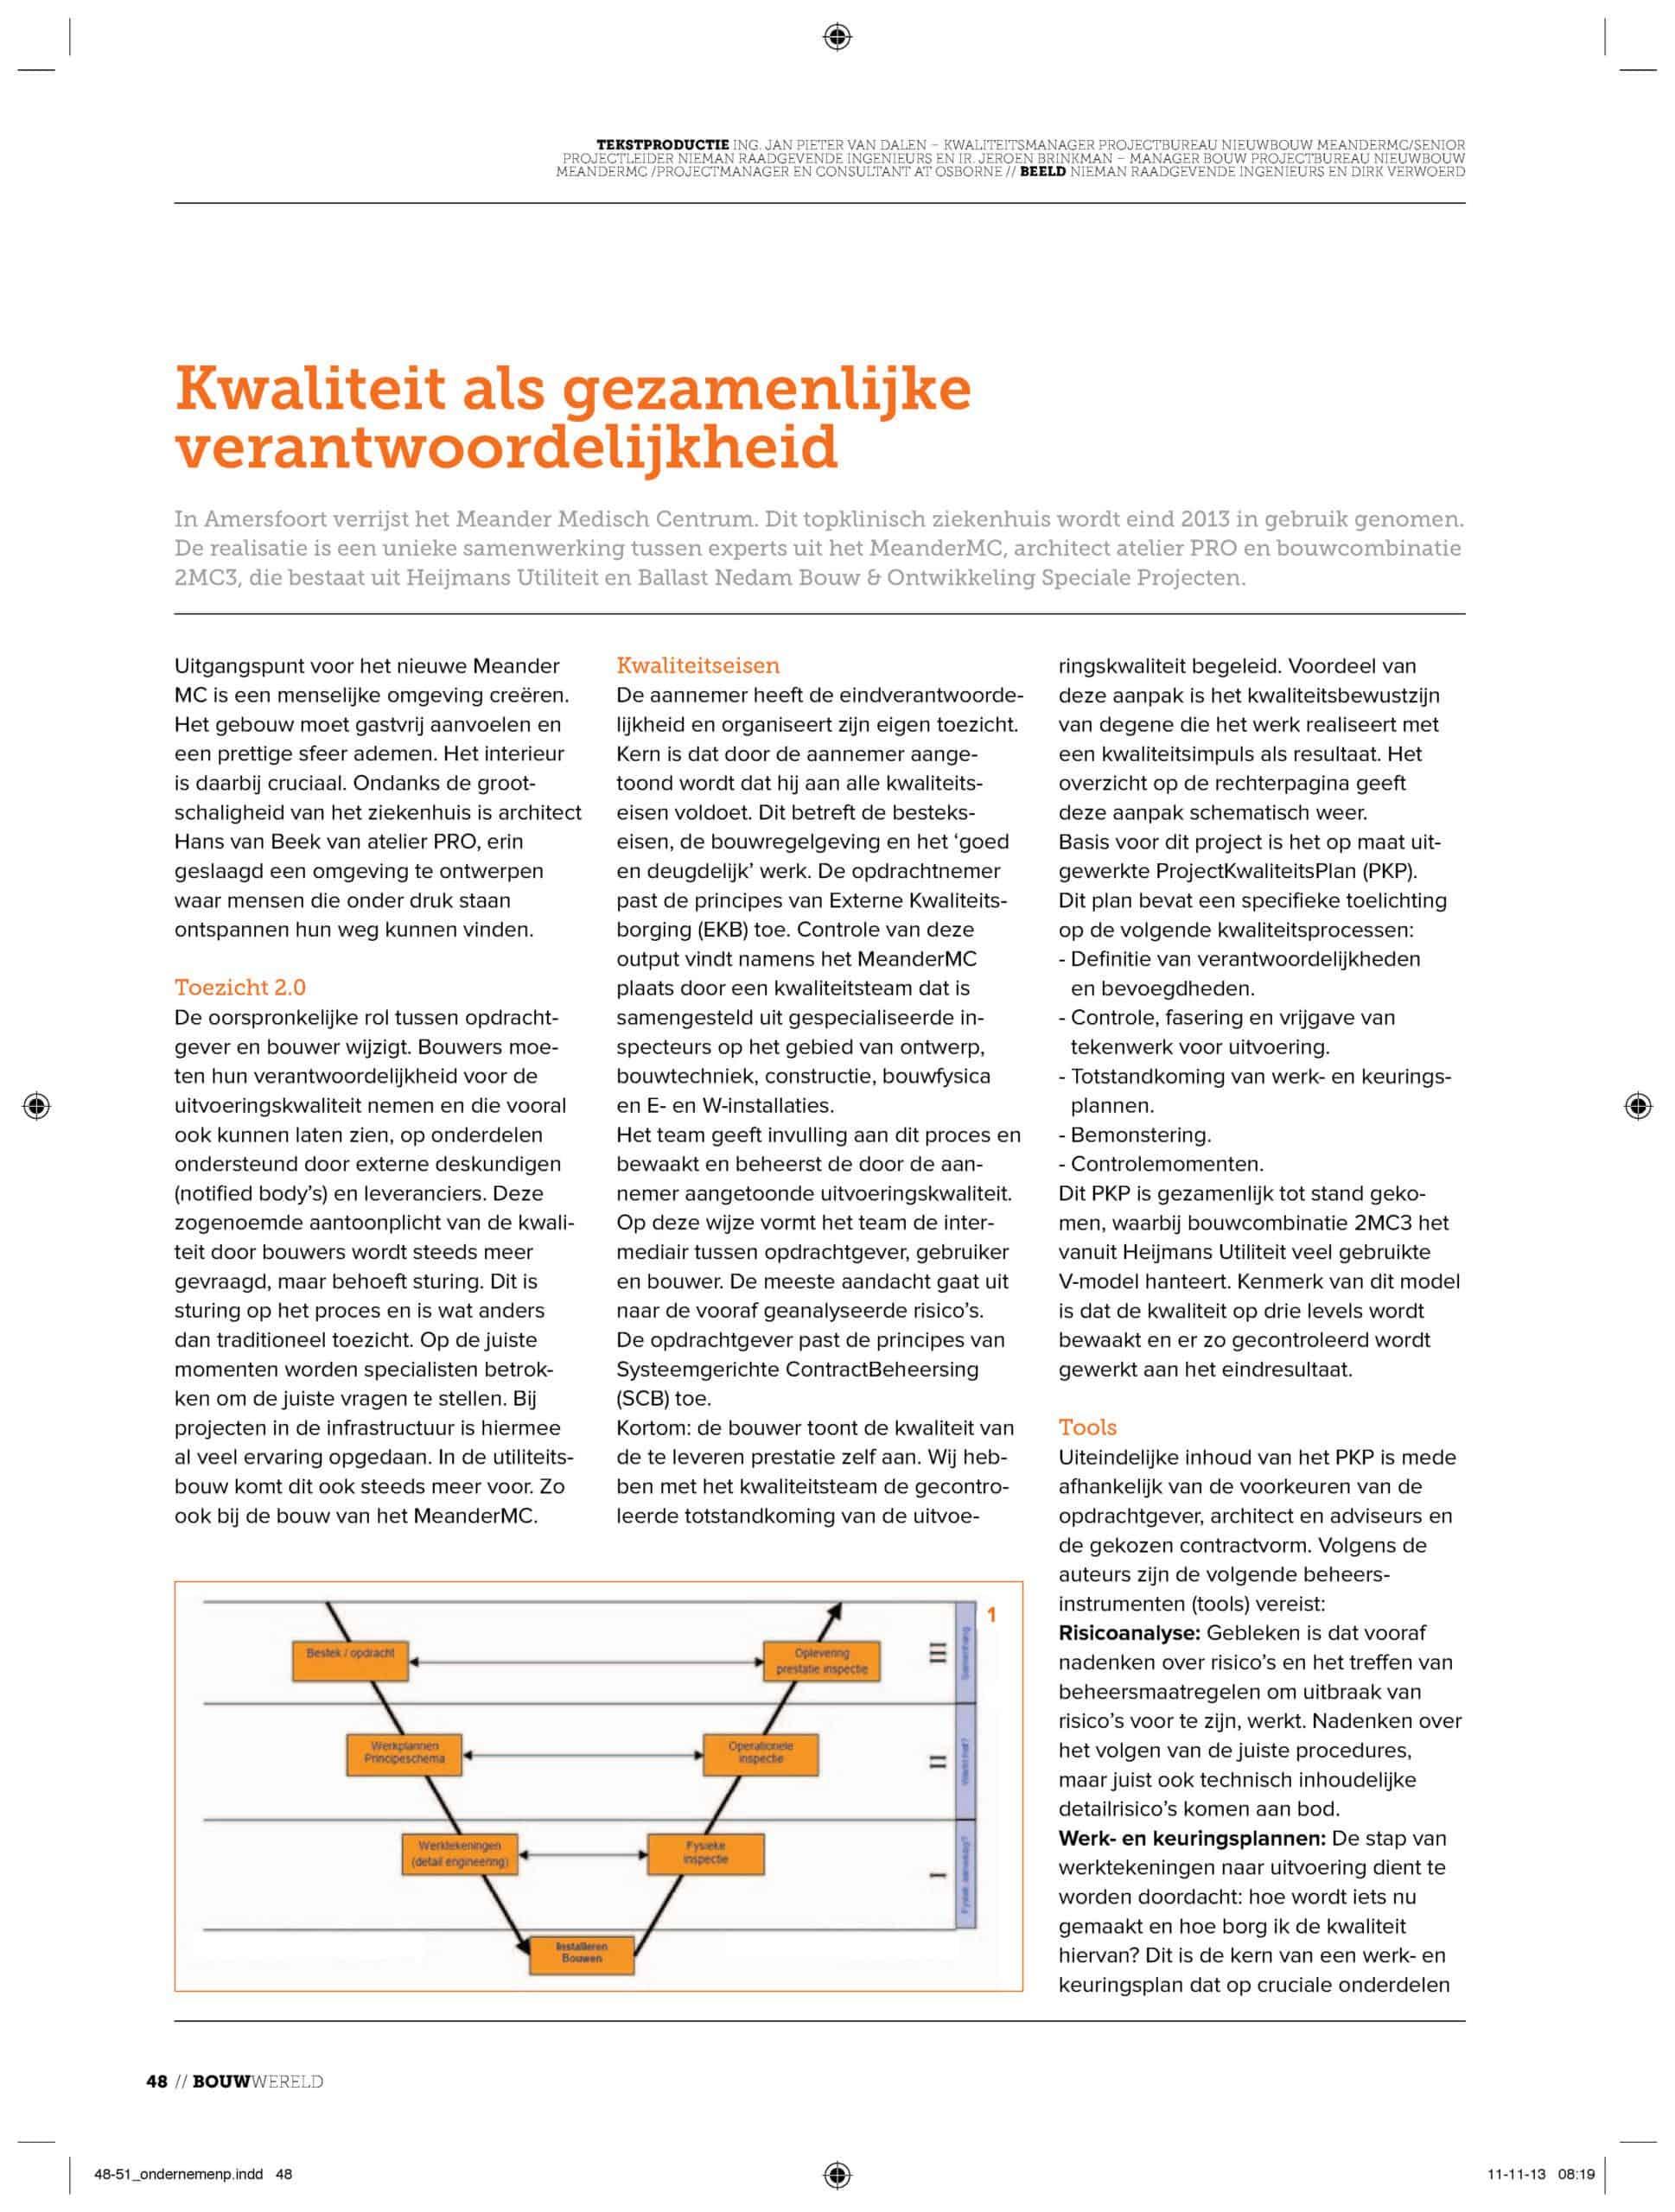 Bouwwereld-11-2013-Kwaliteit-als-gezamenlijke-verantwoordelijkheid_1-3-scaled